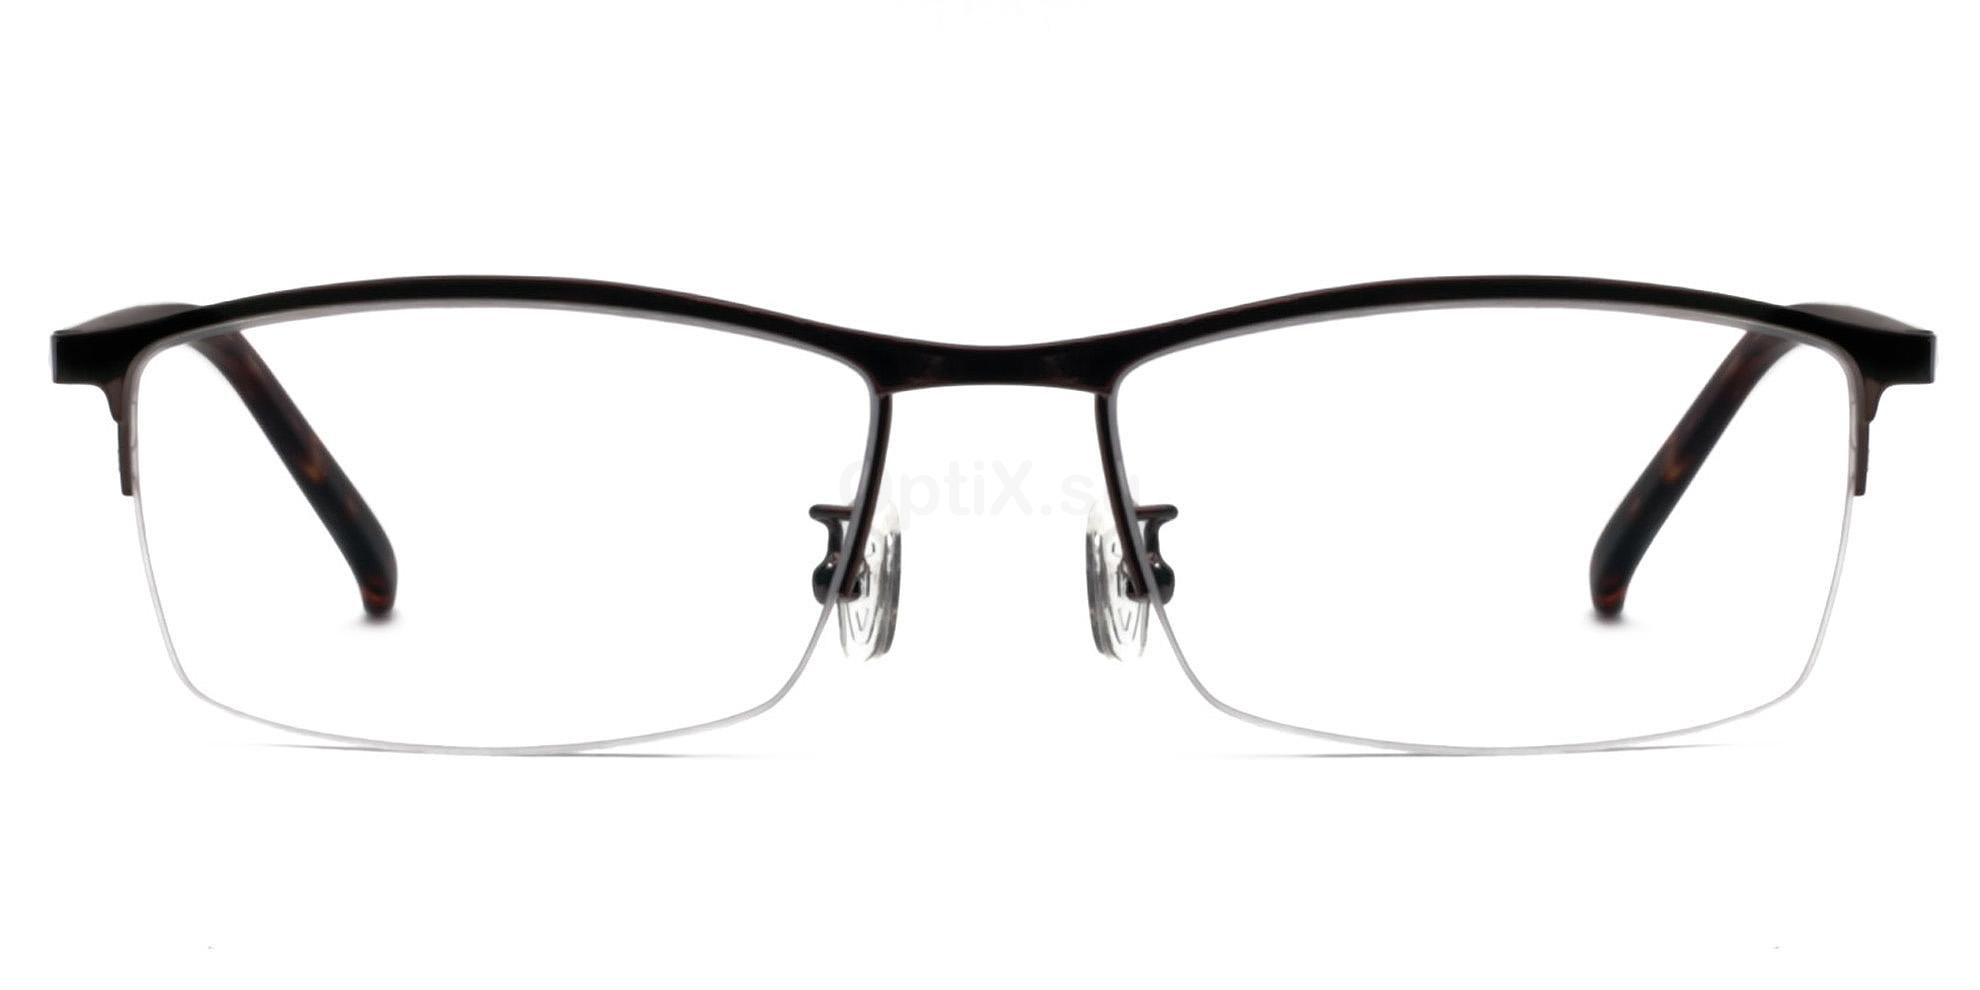 C30 8159 Glasses, SelectSpecs